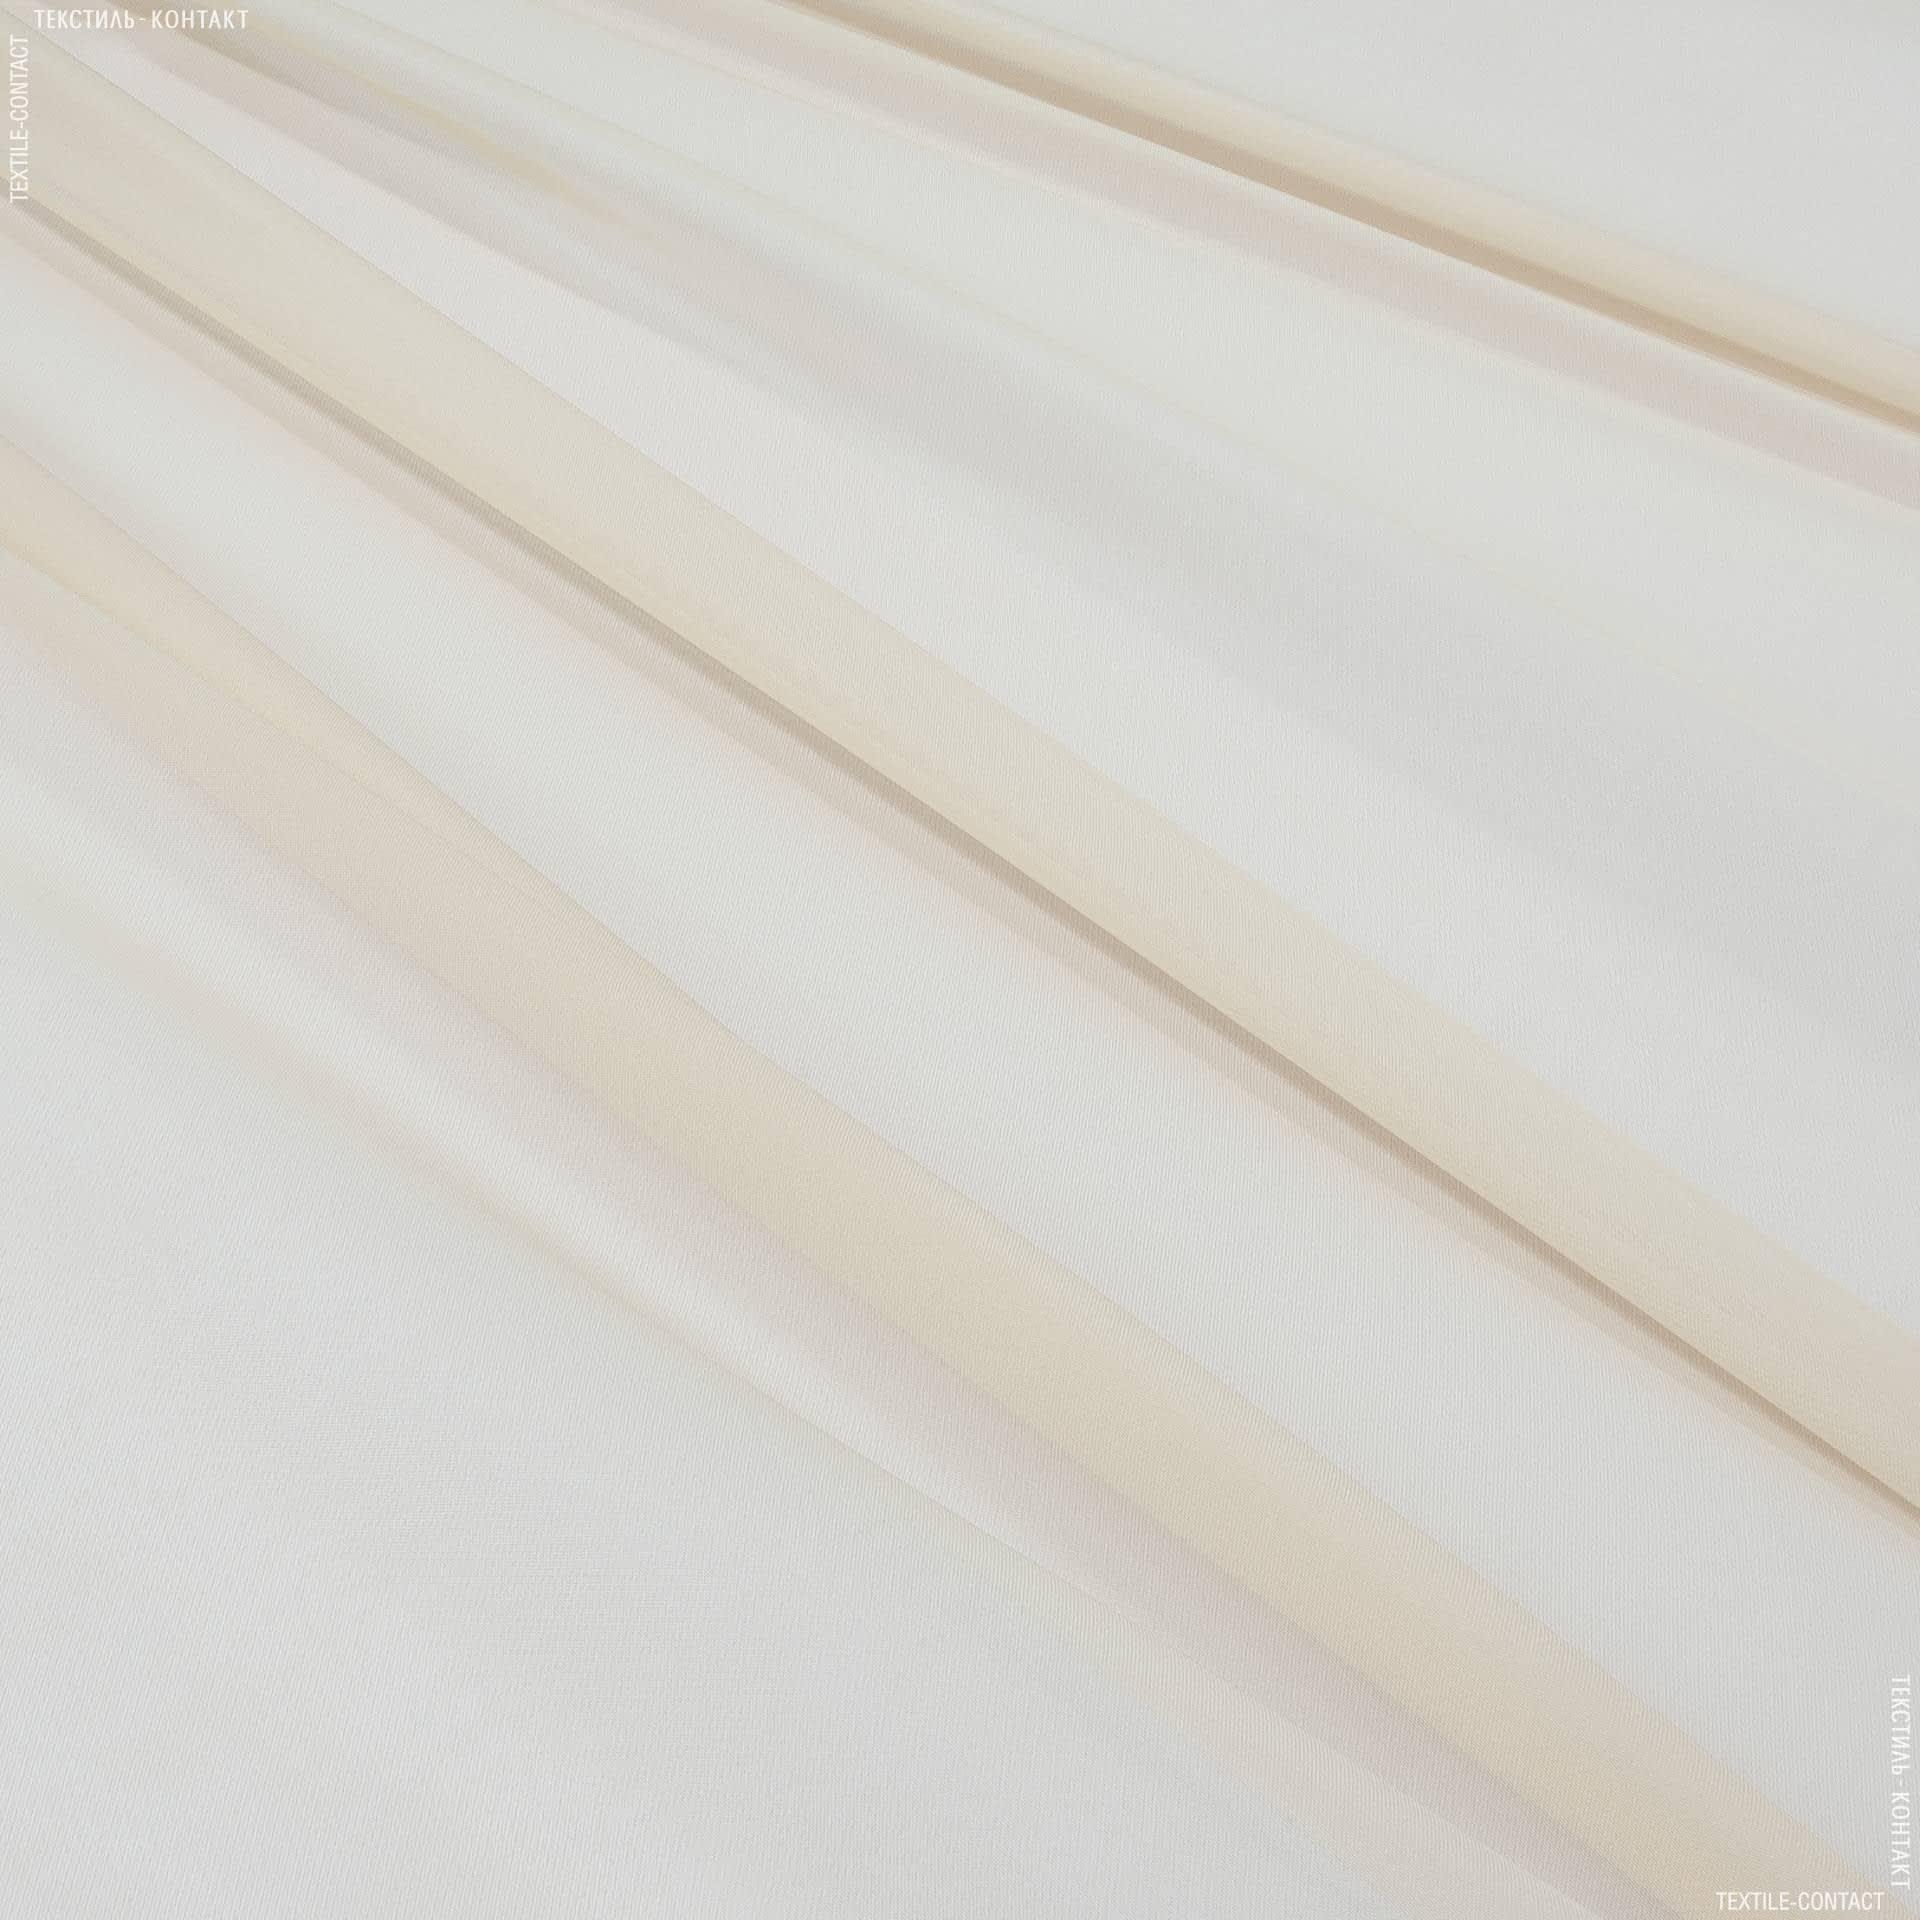 Тканини гардинні тканини - Тюль   вуаль   пудра